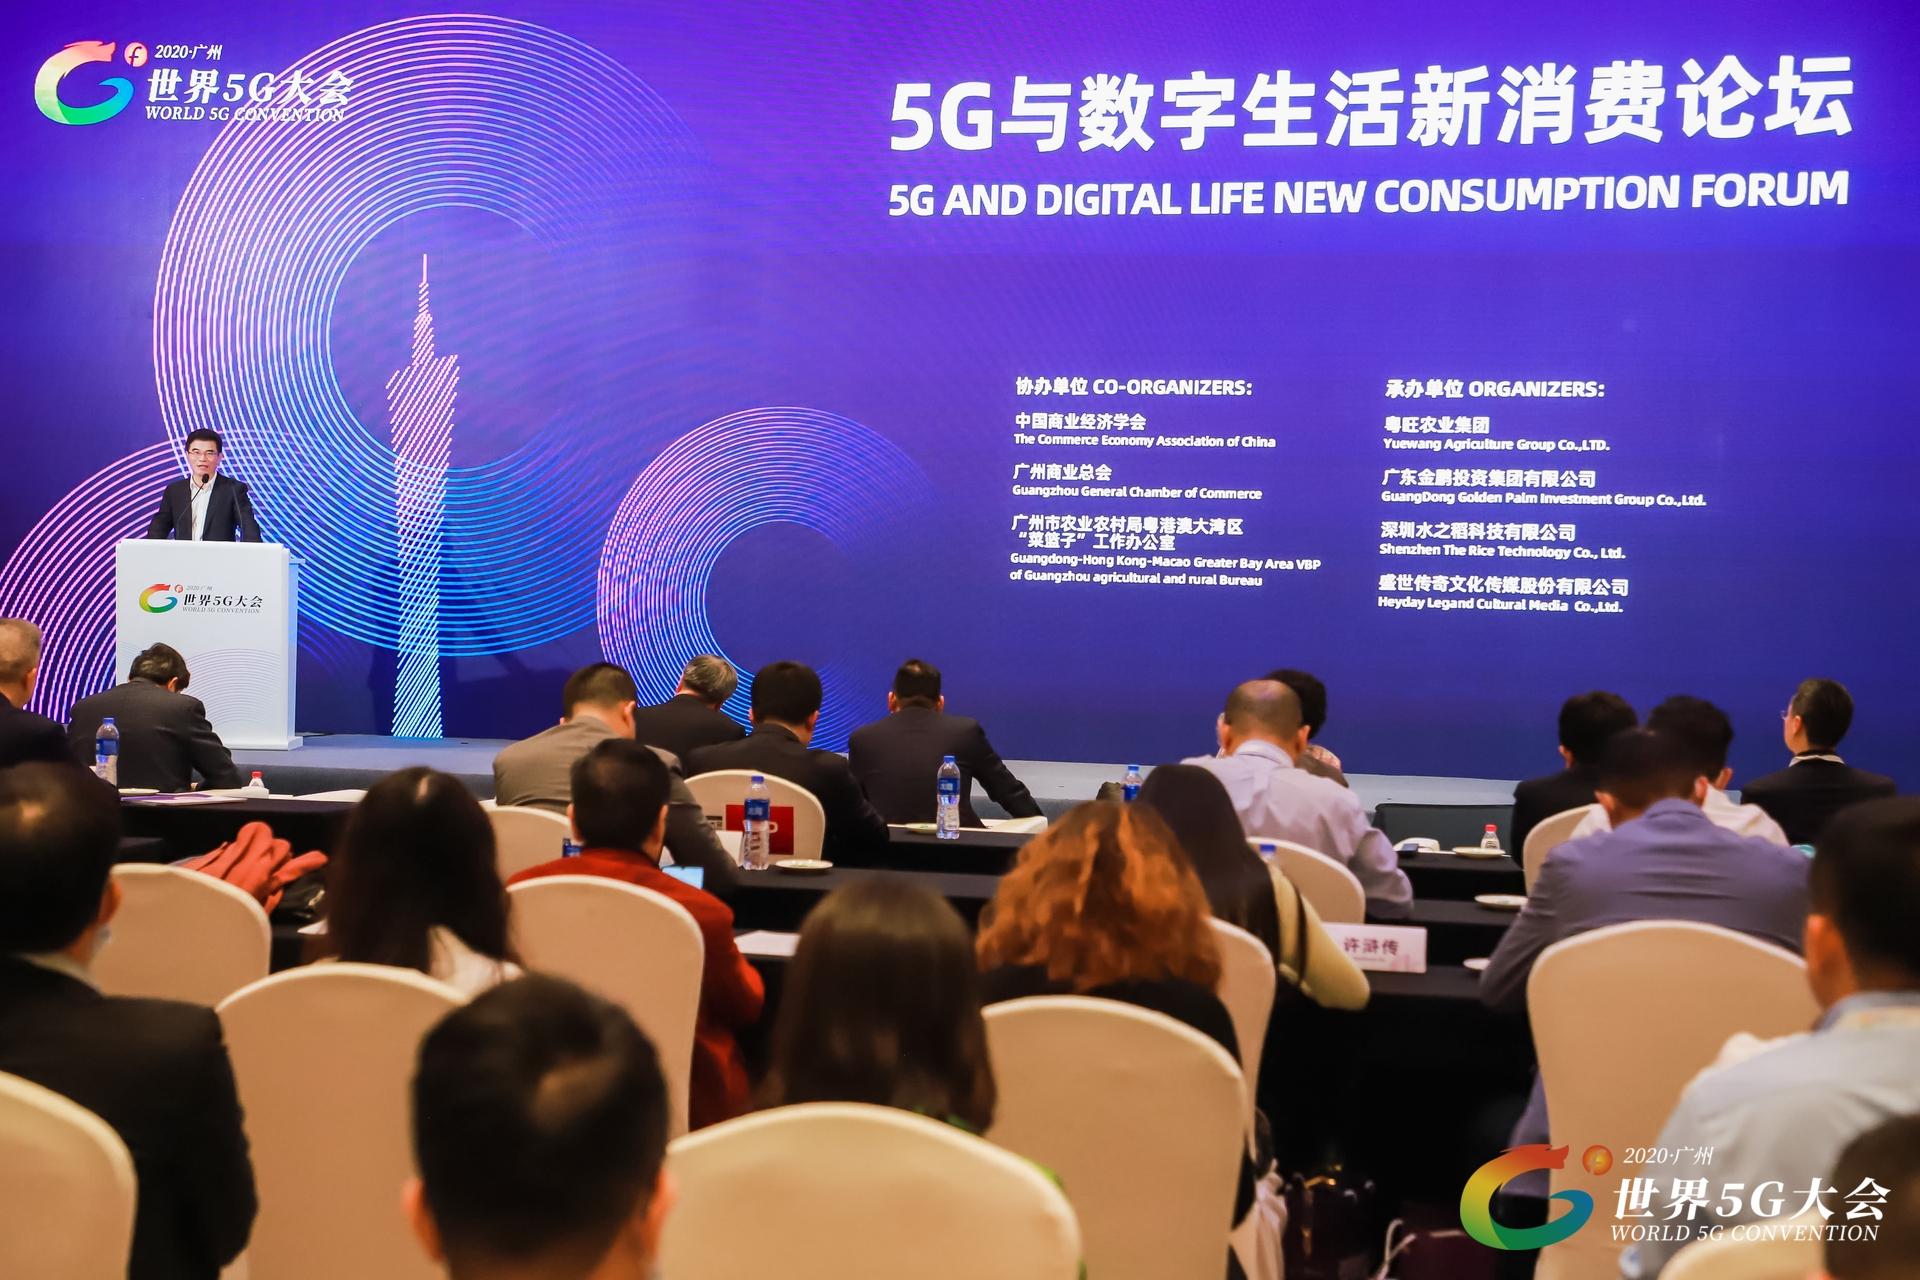 """粤旺集团成功承办""""世界5G大会 ·5G与数字生活新消费""""论坛"""